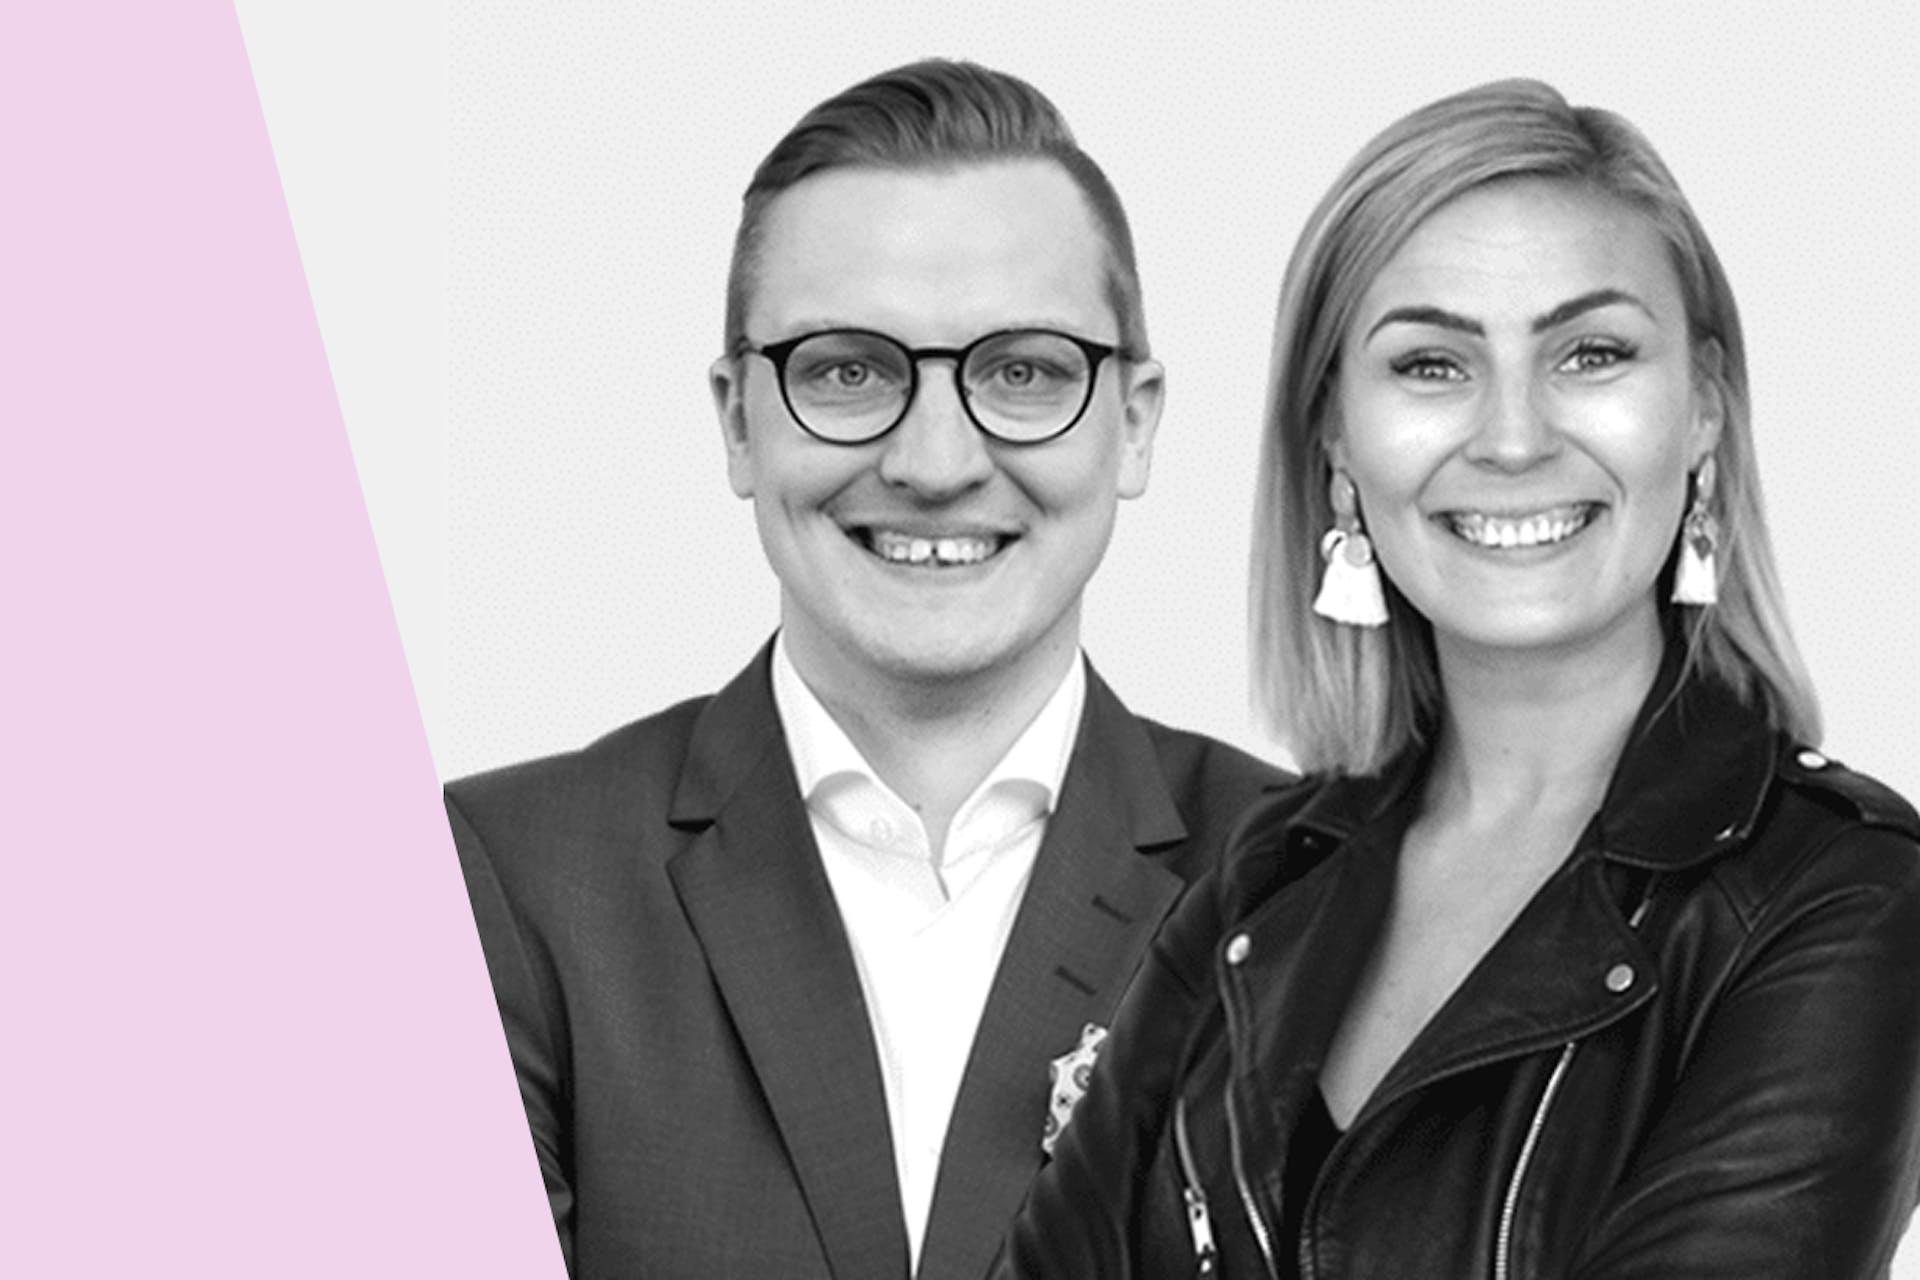 Työntekijöiden kannustaminen sosiaaliseen mediaan -webinaarin puhujat Jari Viljemaa ja Senni Niemi